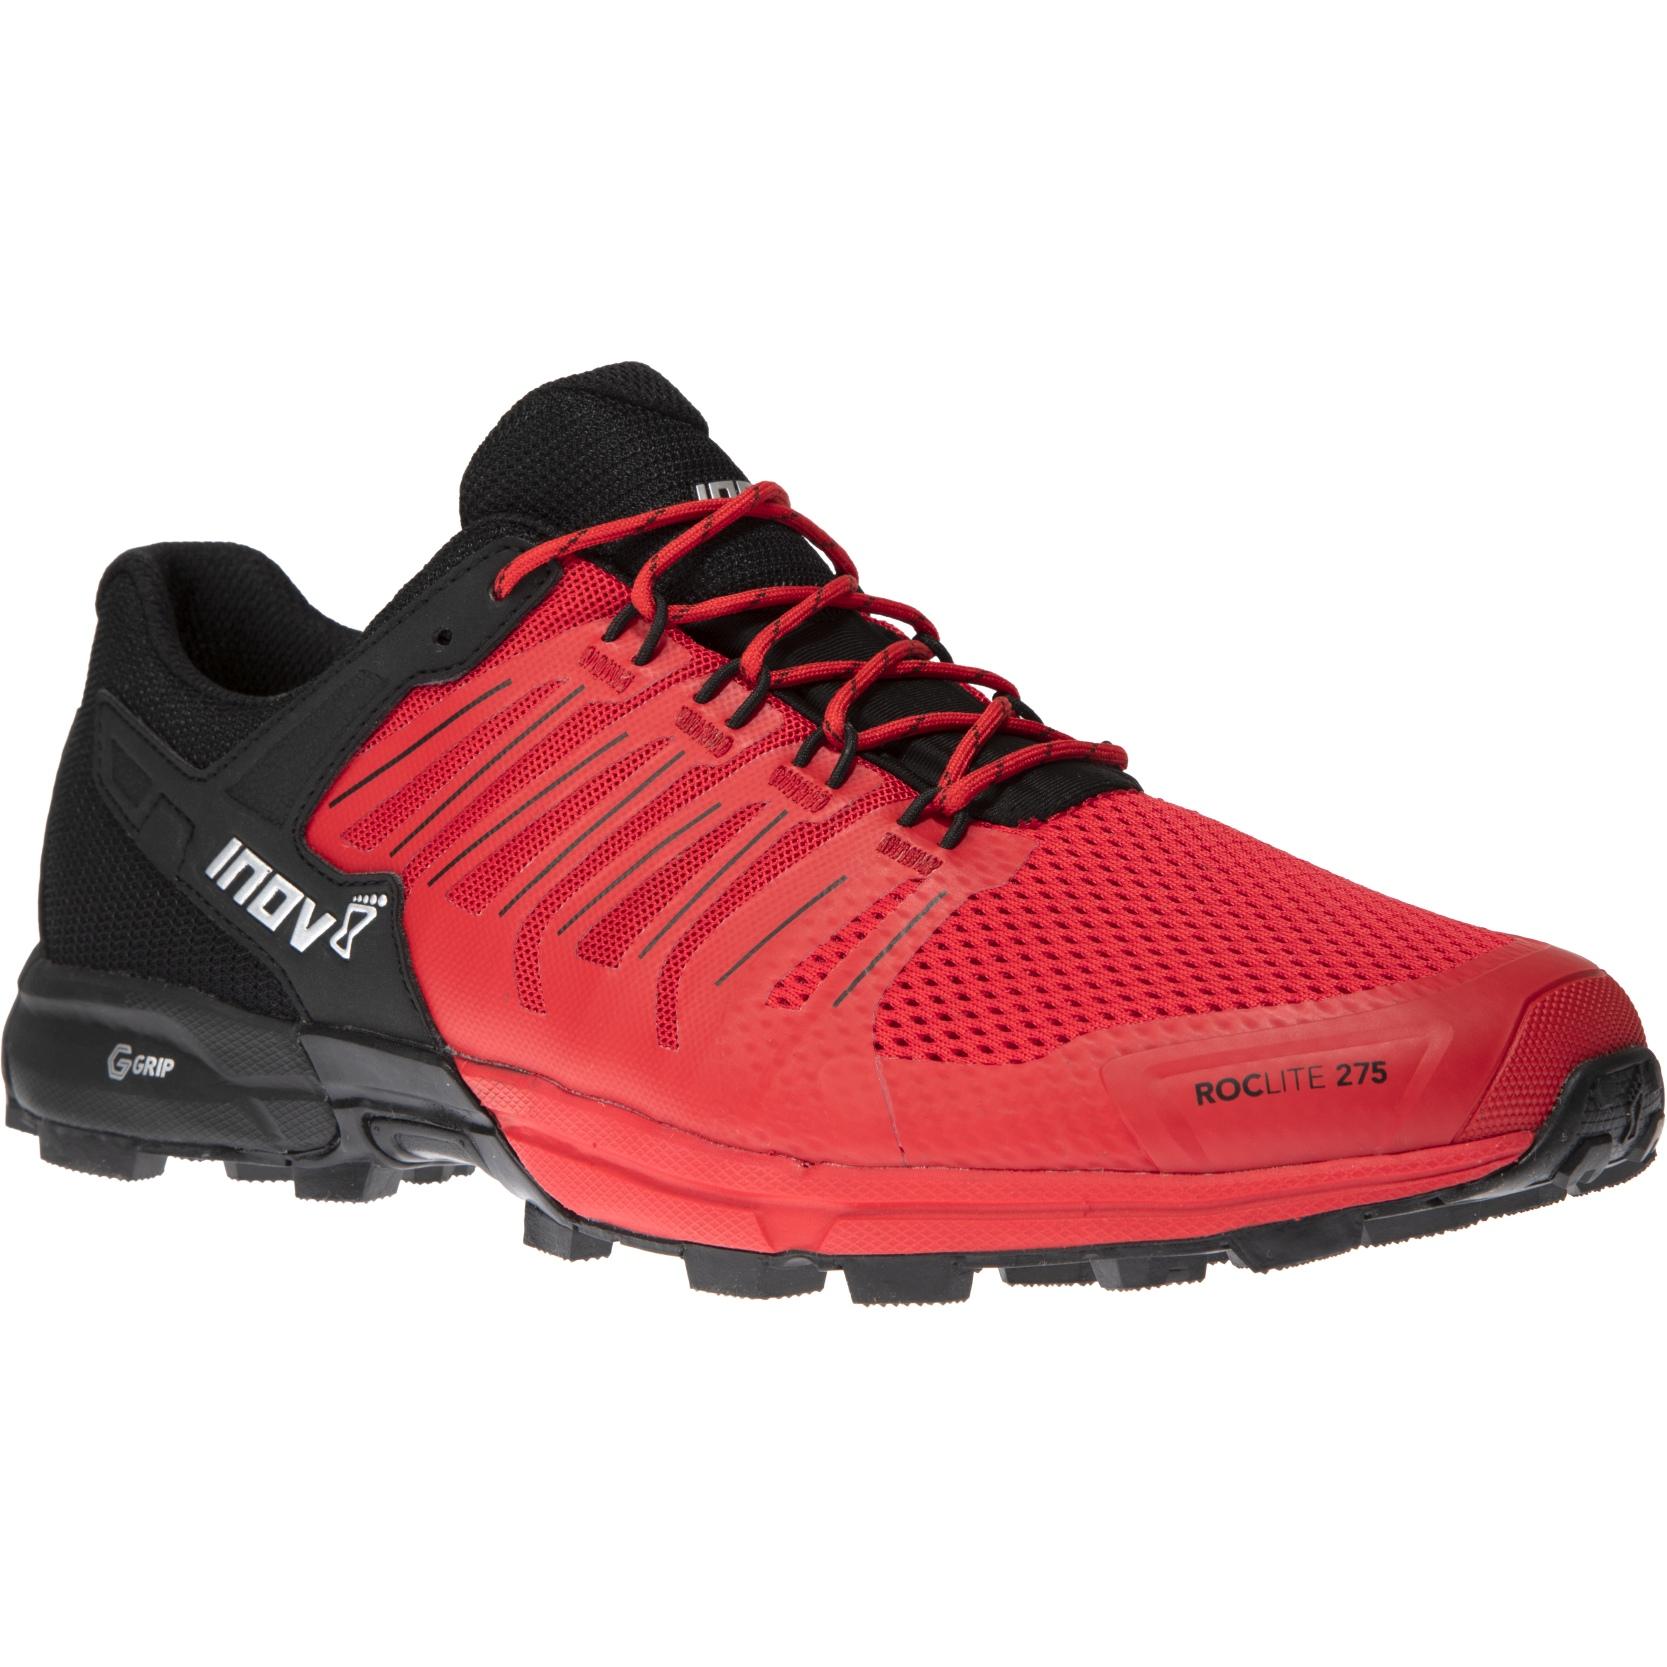 Produktbild von Inov-8 Roclite G 275 Laufschuh - red/black